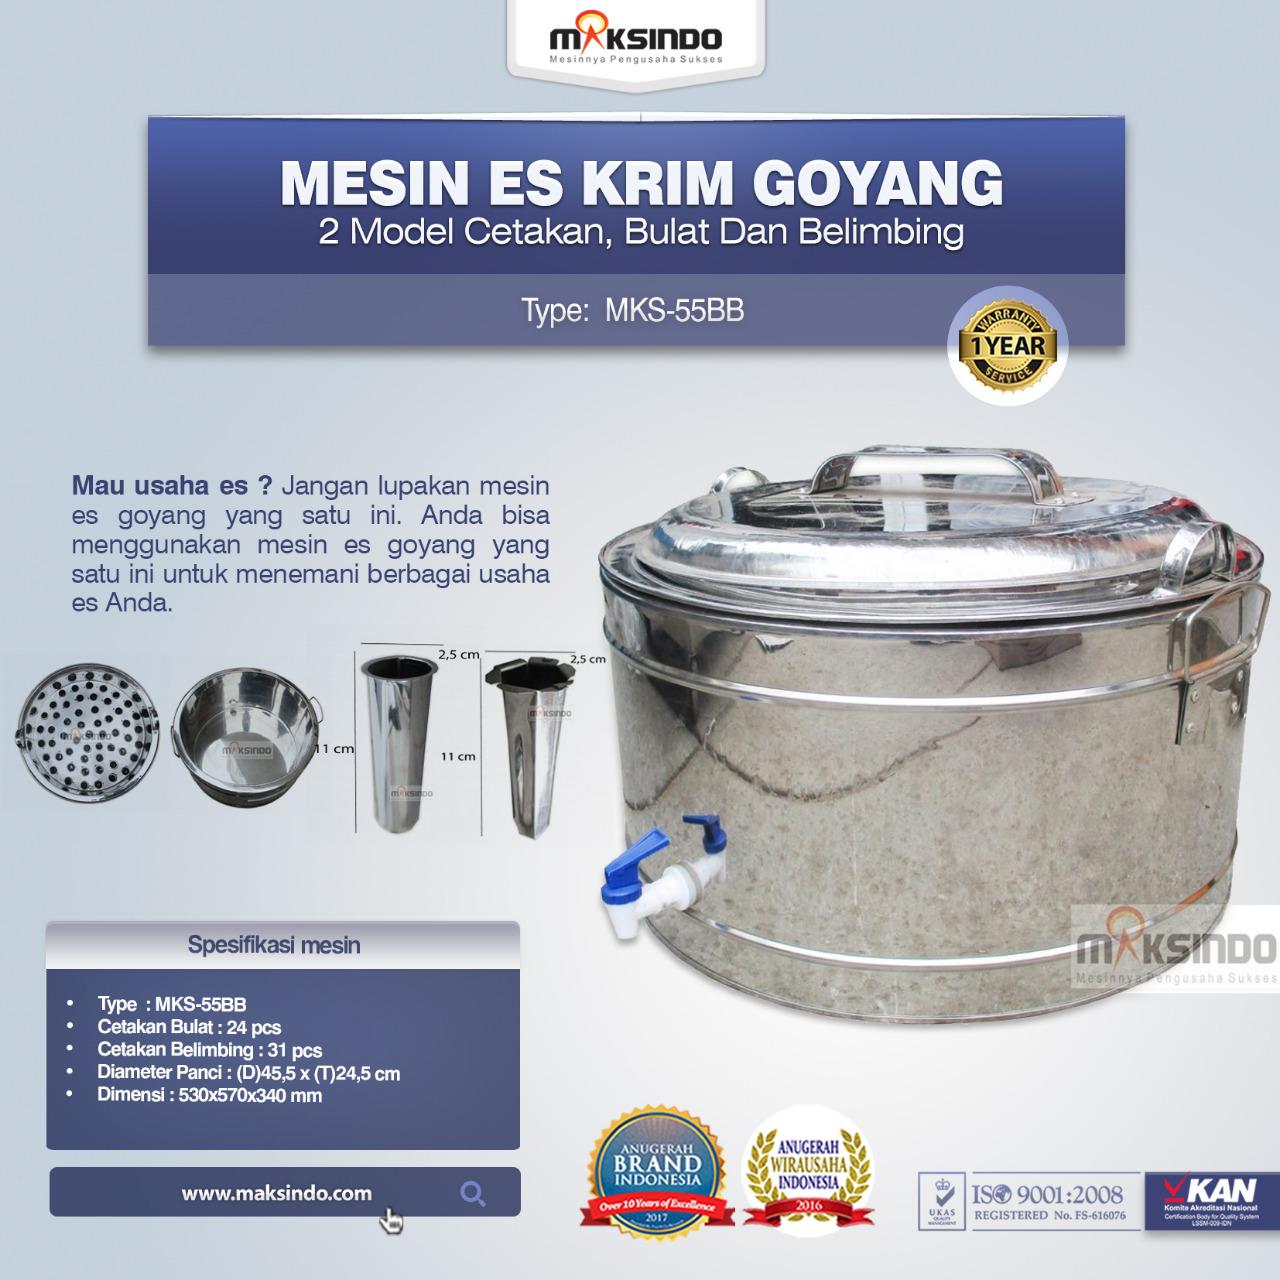 Jual Mesin Es Krim Goyang MKS-55BB di Banjarmasin